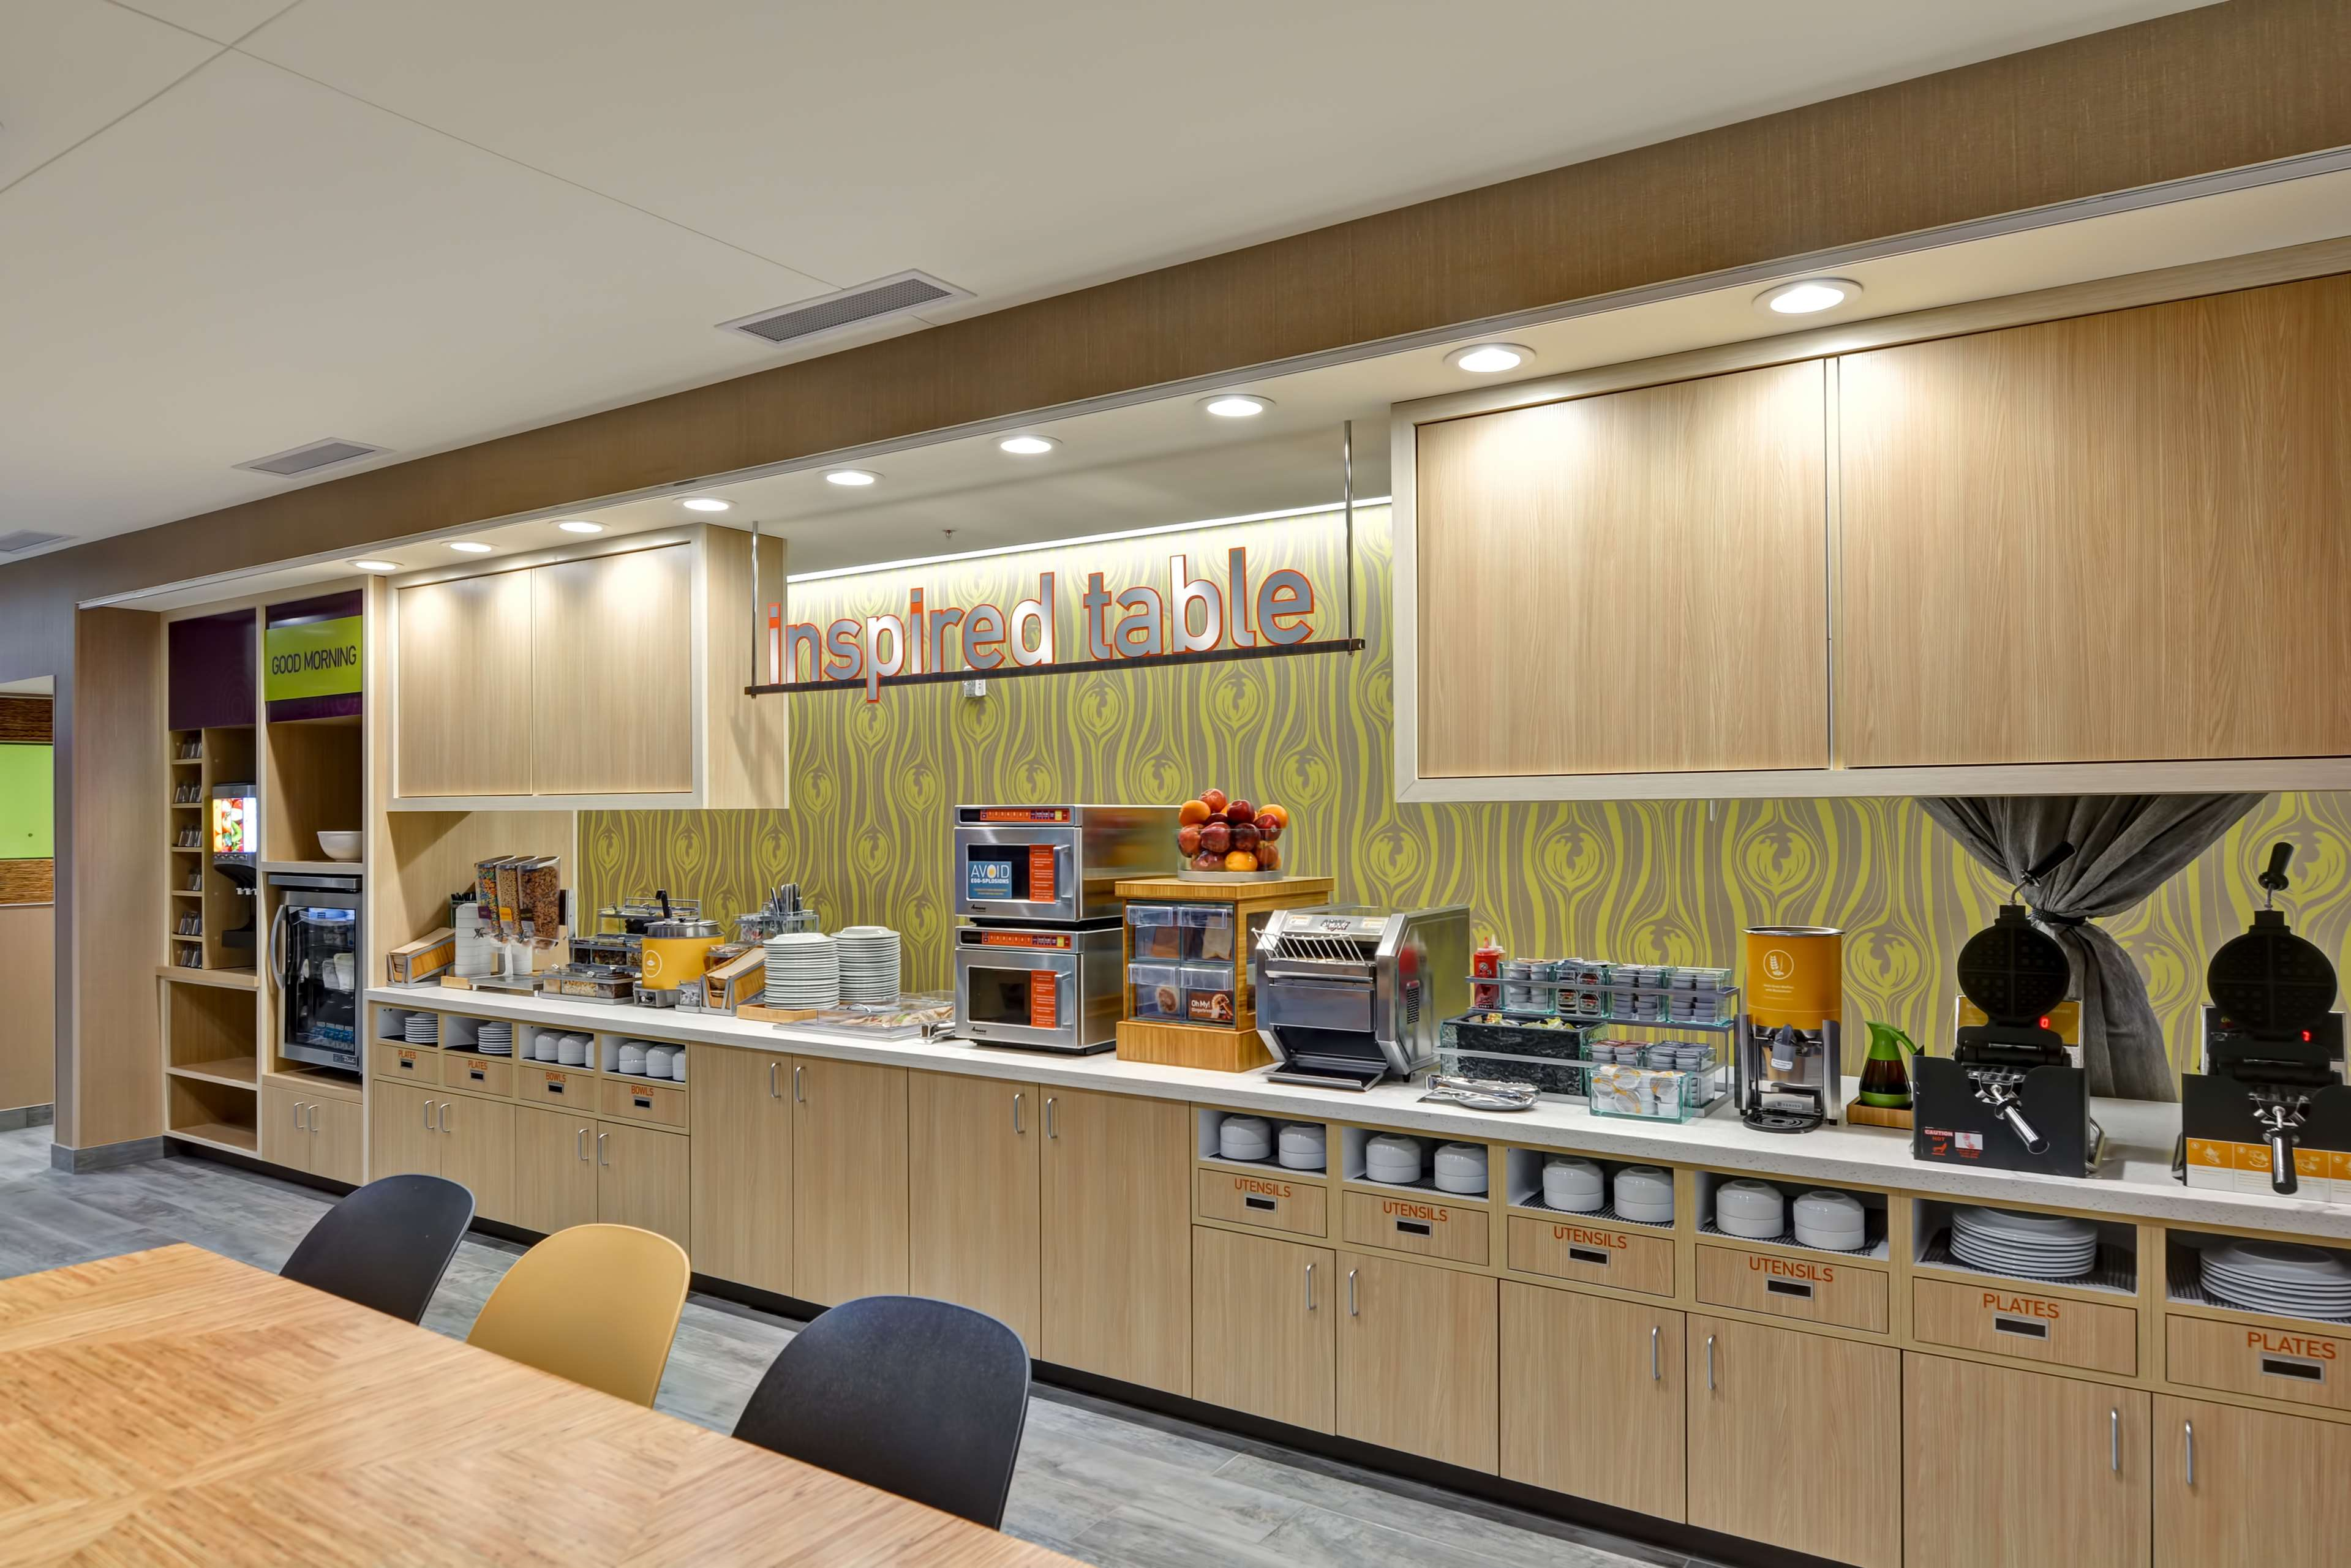 Home2 Suites by Hilton Lafayette image 13